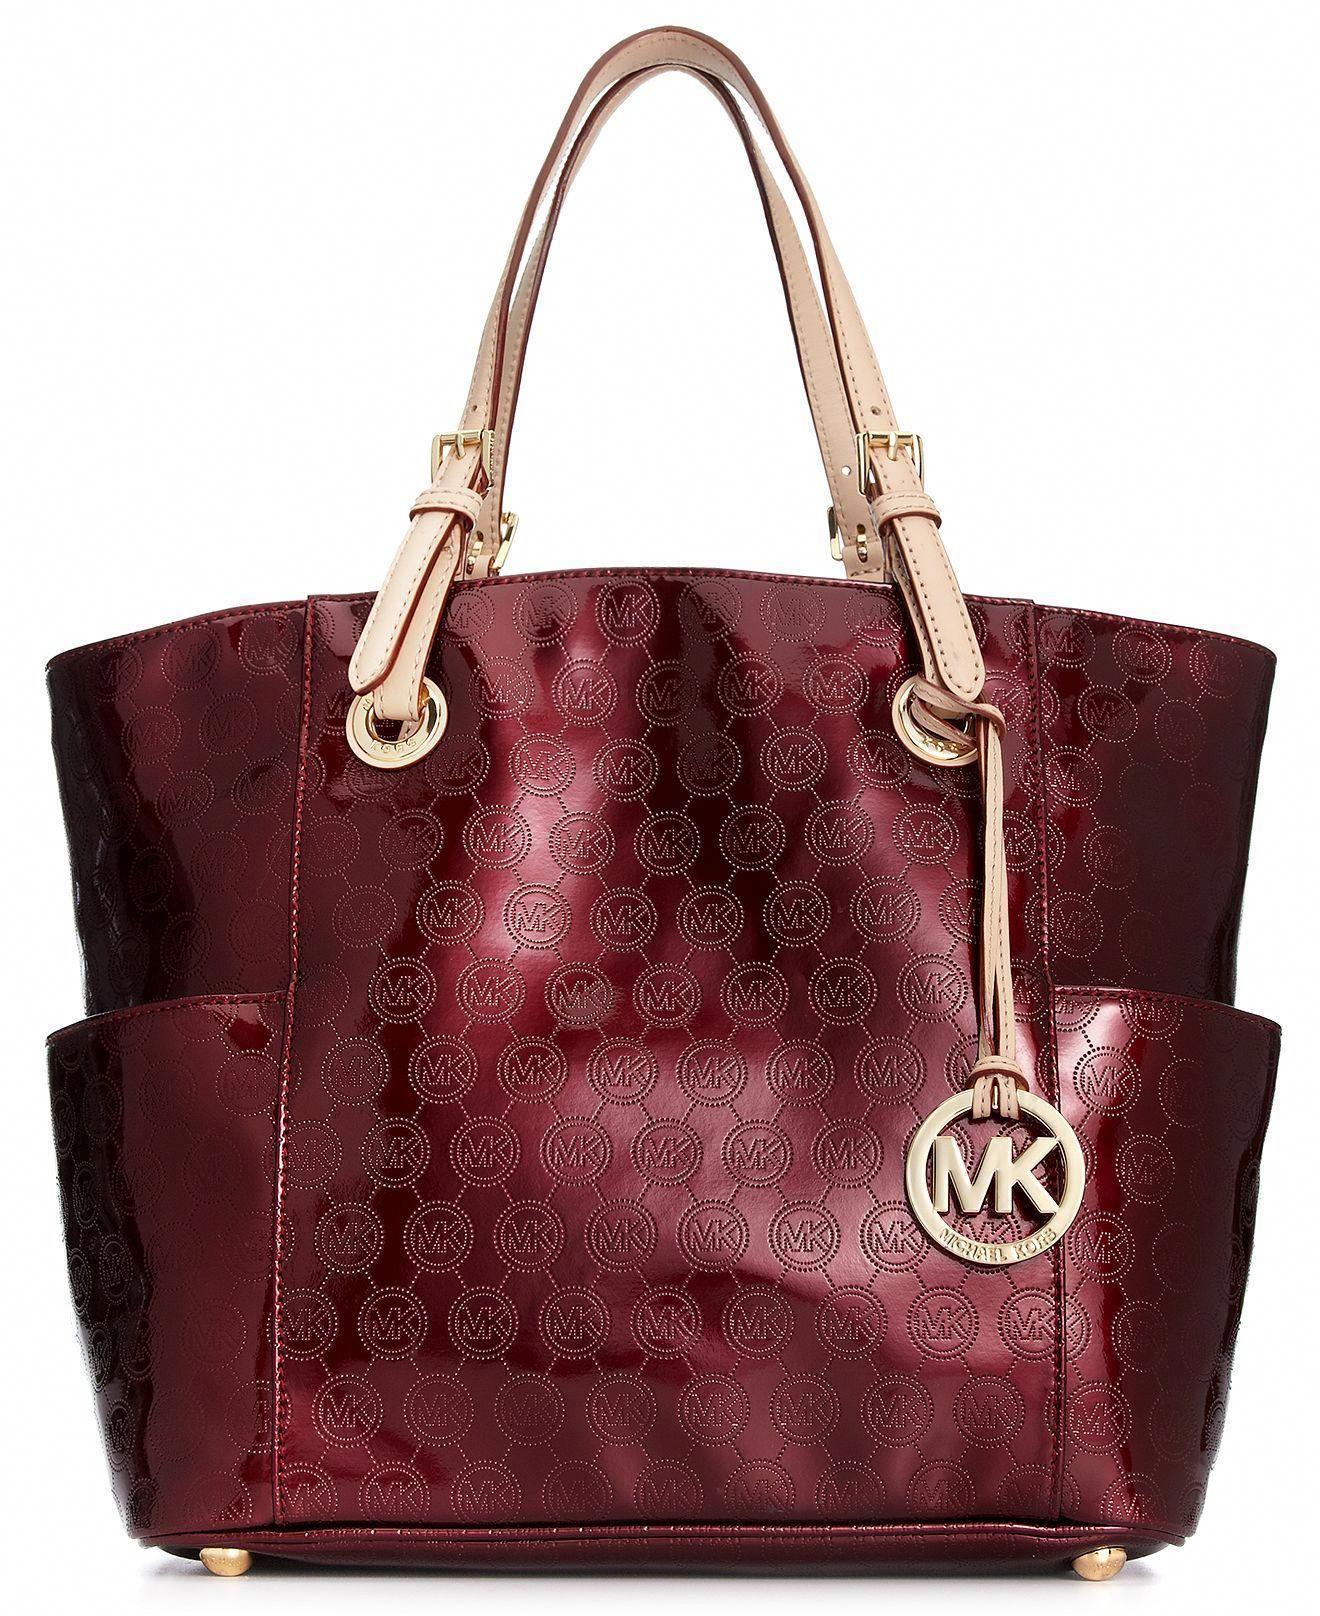 ccb45d1eae3e4b MICHAEL Michael Kors Handbag, Signature Patent East West Tote - Shop All -  Handbags & Accessories - Macy's #Handbagsmichaelkors